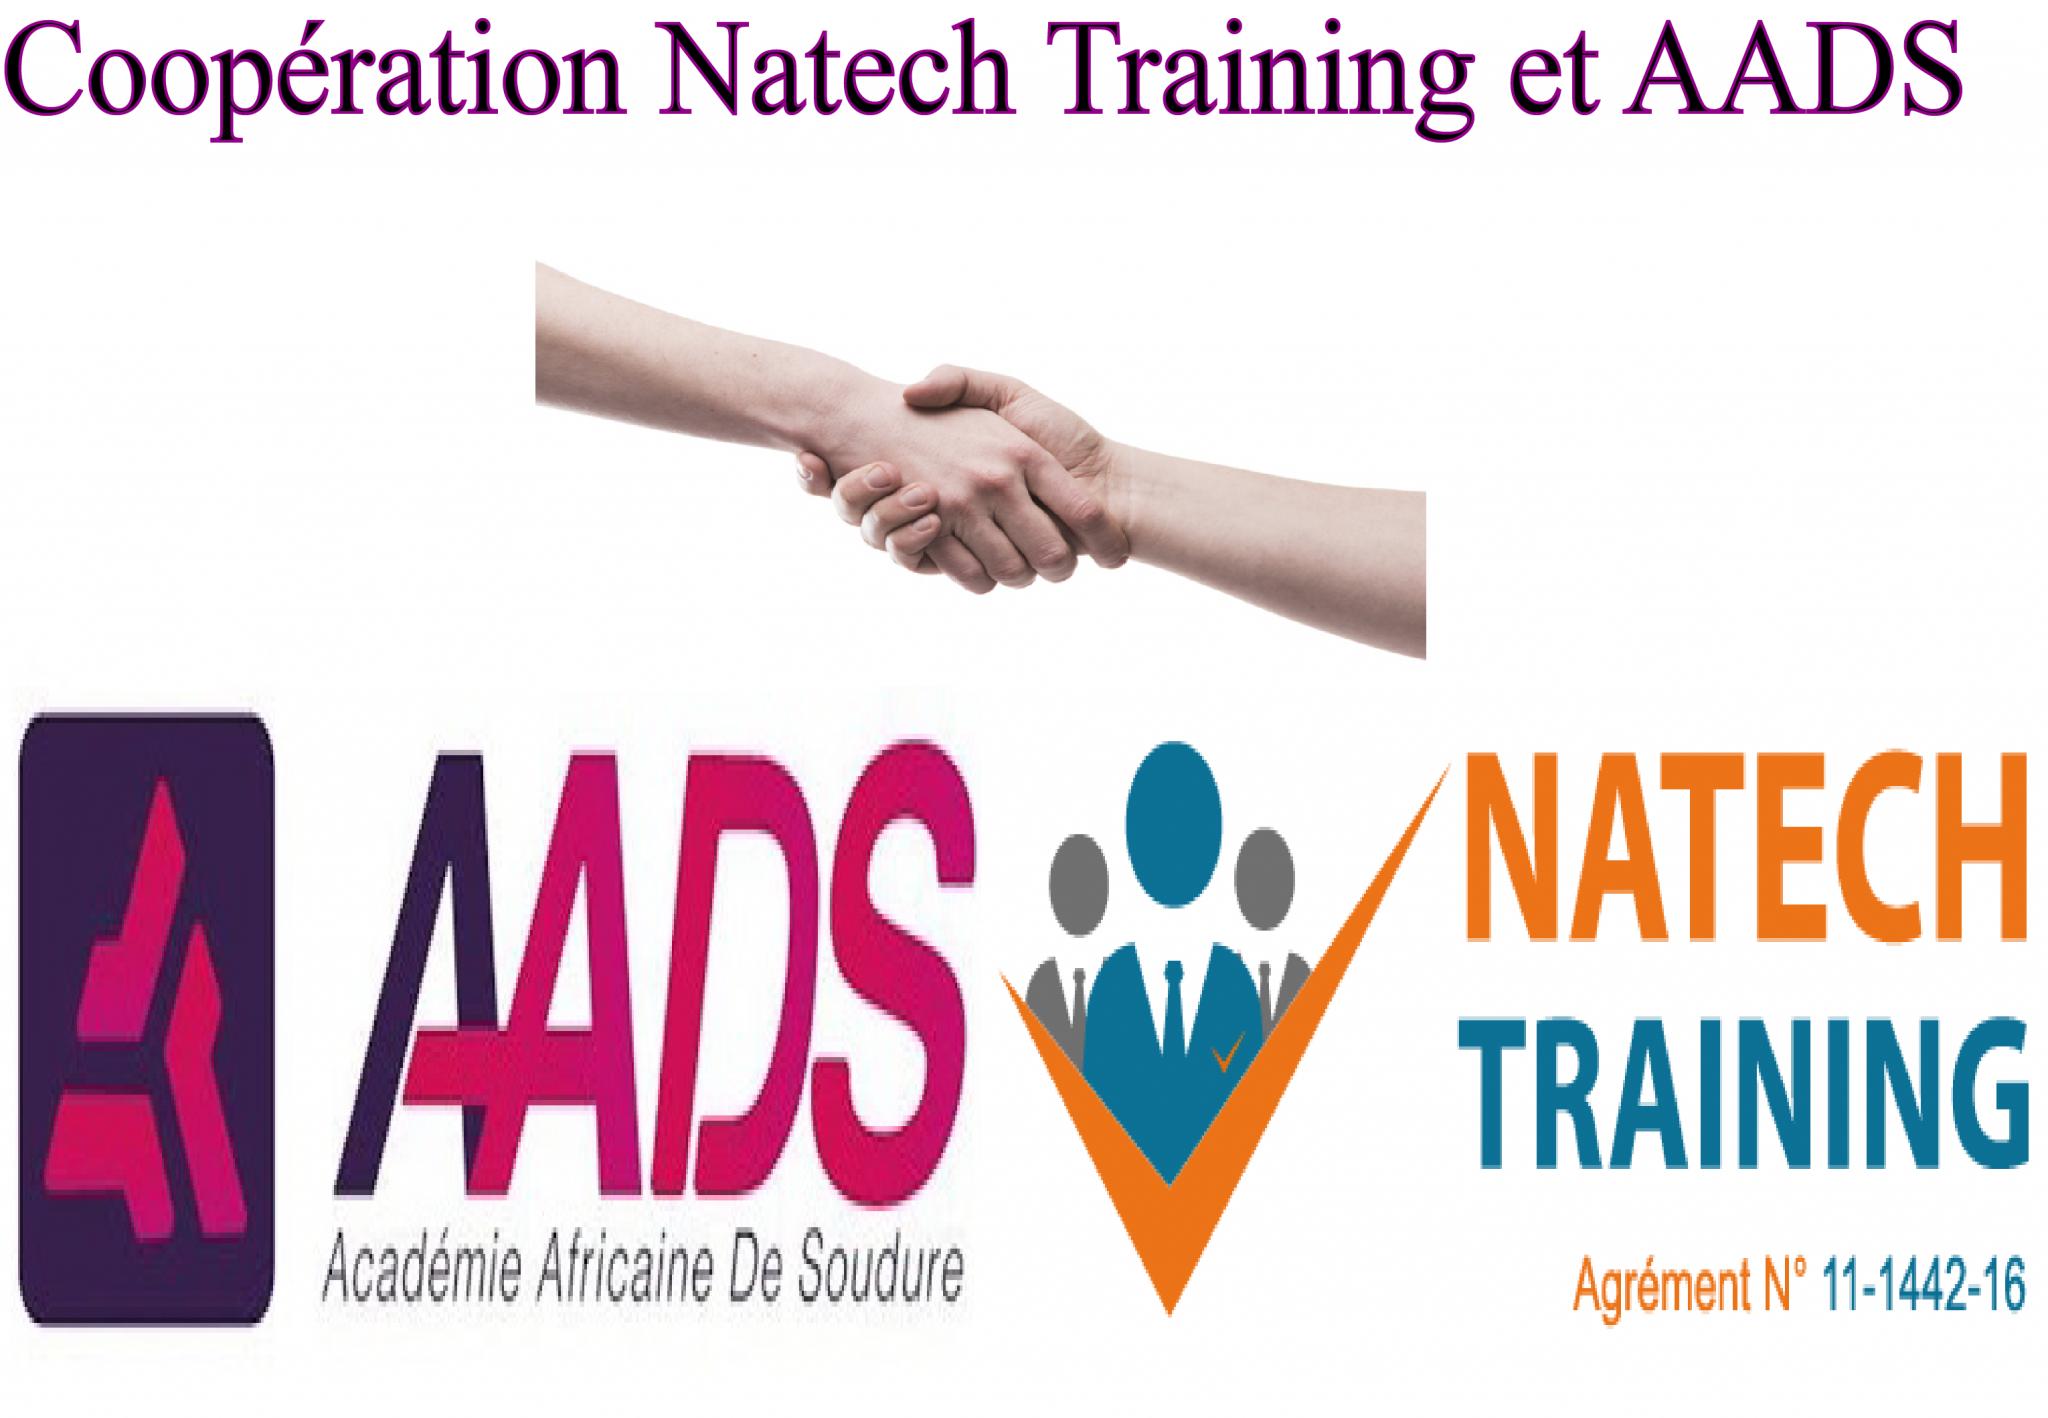 Coopération Natech Training et AADS (Académie Africaine De soudure)